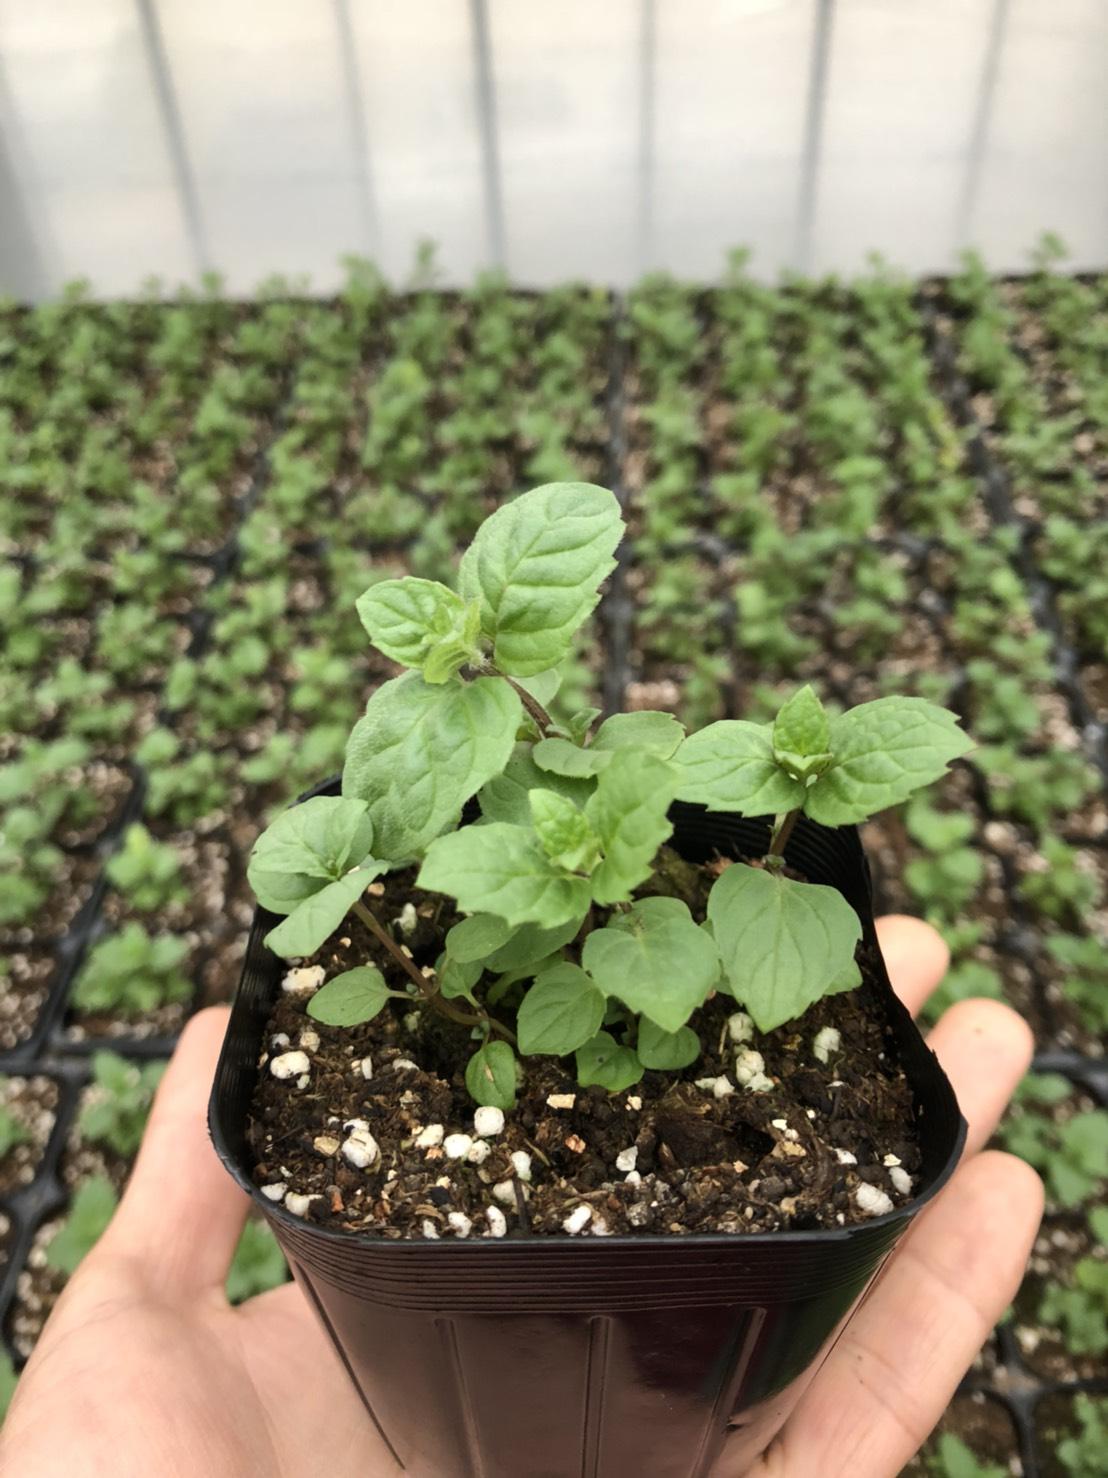 【てしまの苗】ハーブ苗 ペパーミント 実生苗 9cmポット 野菜苗 培土 種 堆肥 【人気】